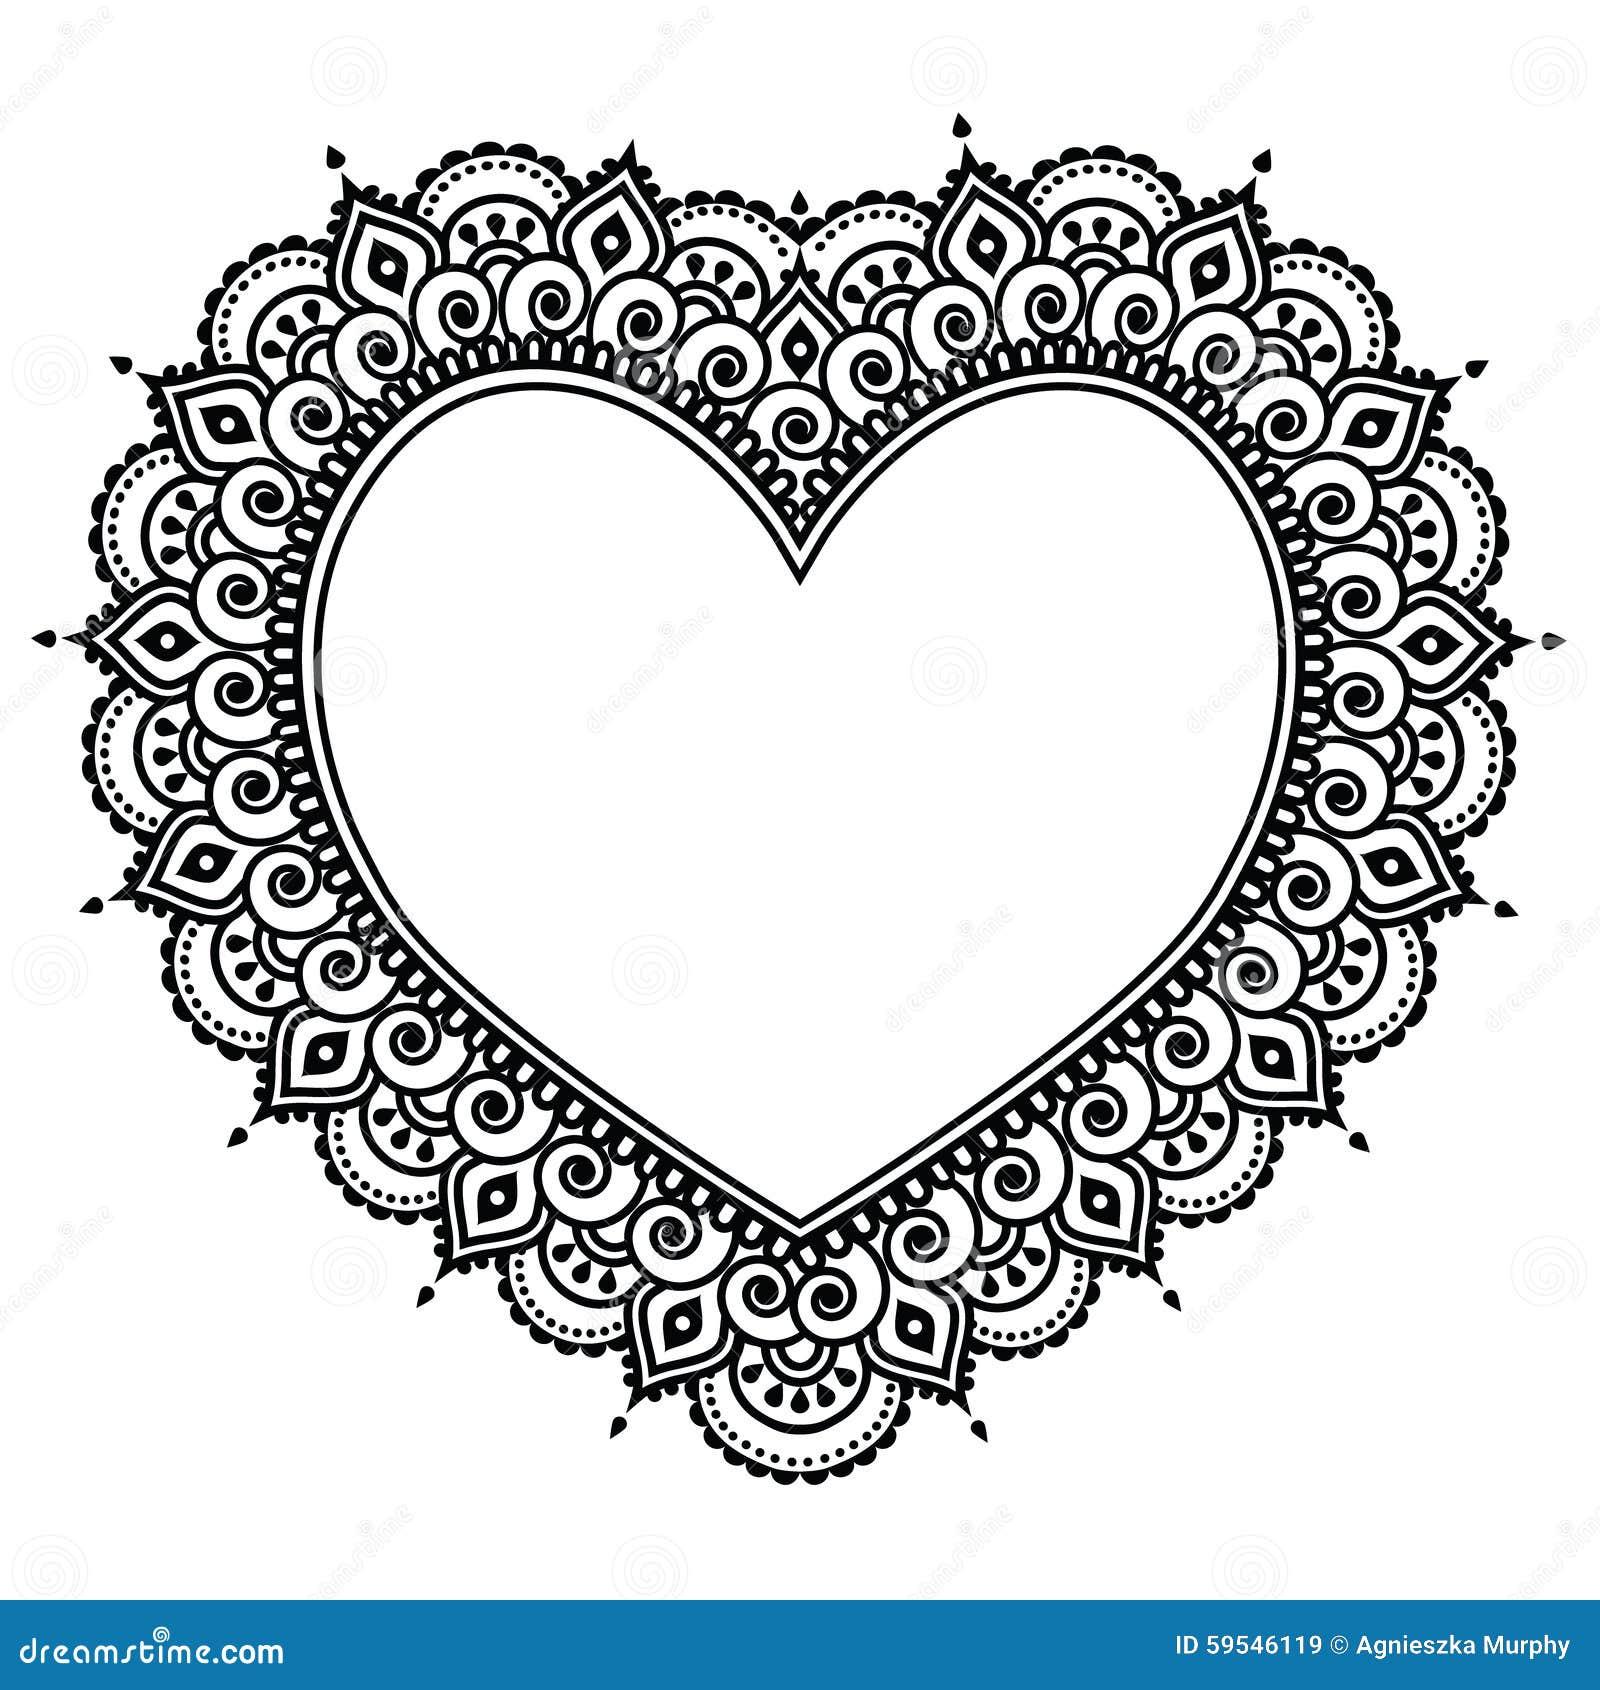 Heart Mehndi Design, Indian Henna Tattoo Pattern - Love Concept Stock ...